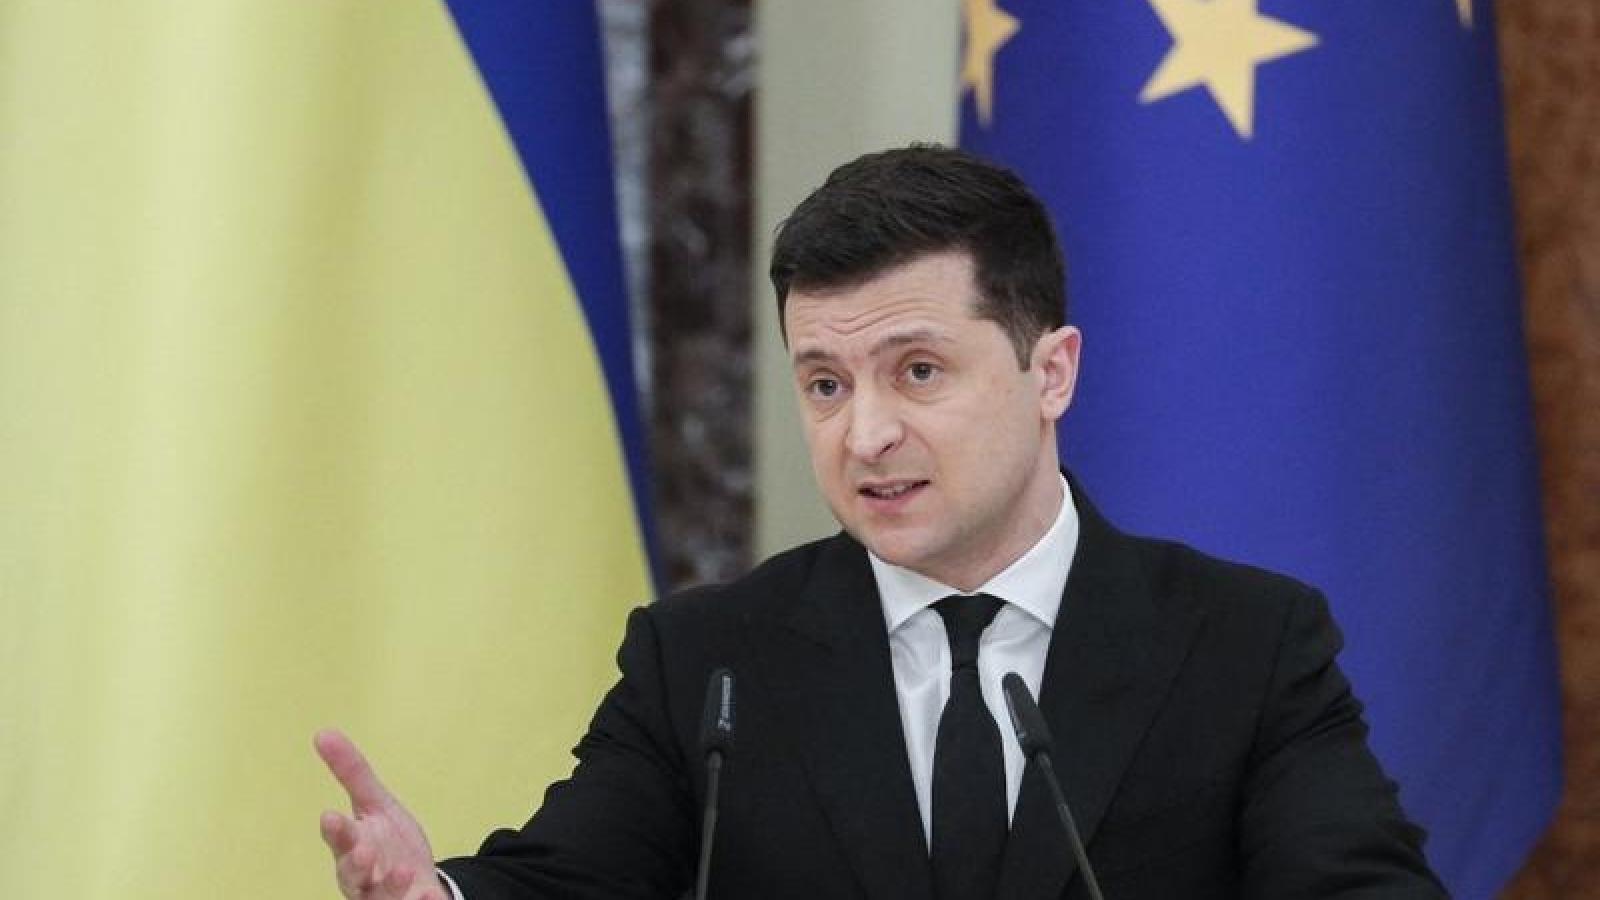 Tổng thống Ukrainesẵn sàng đàm phán 4 bên, trong đó có Tổng thống Nga